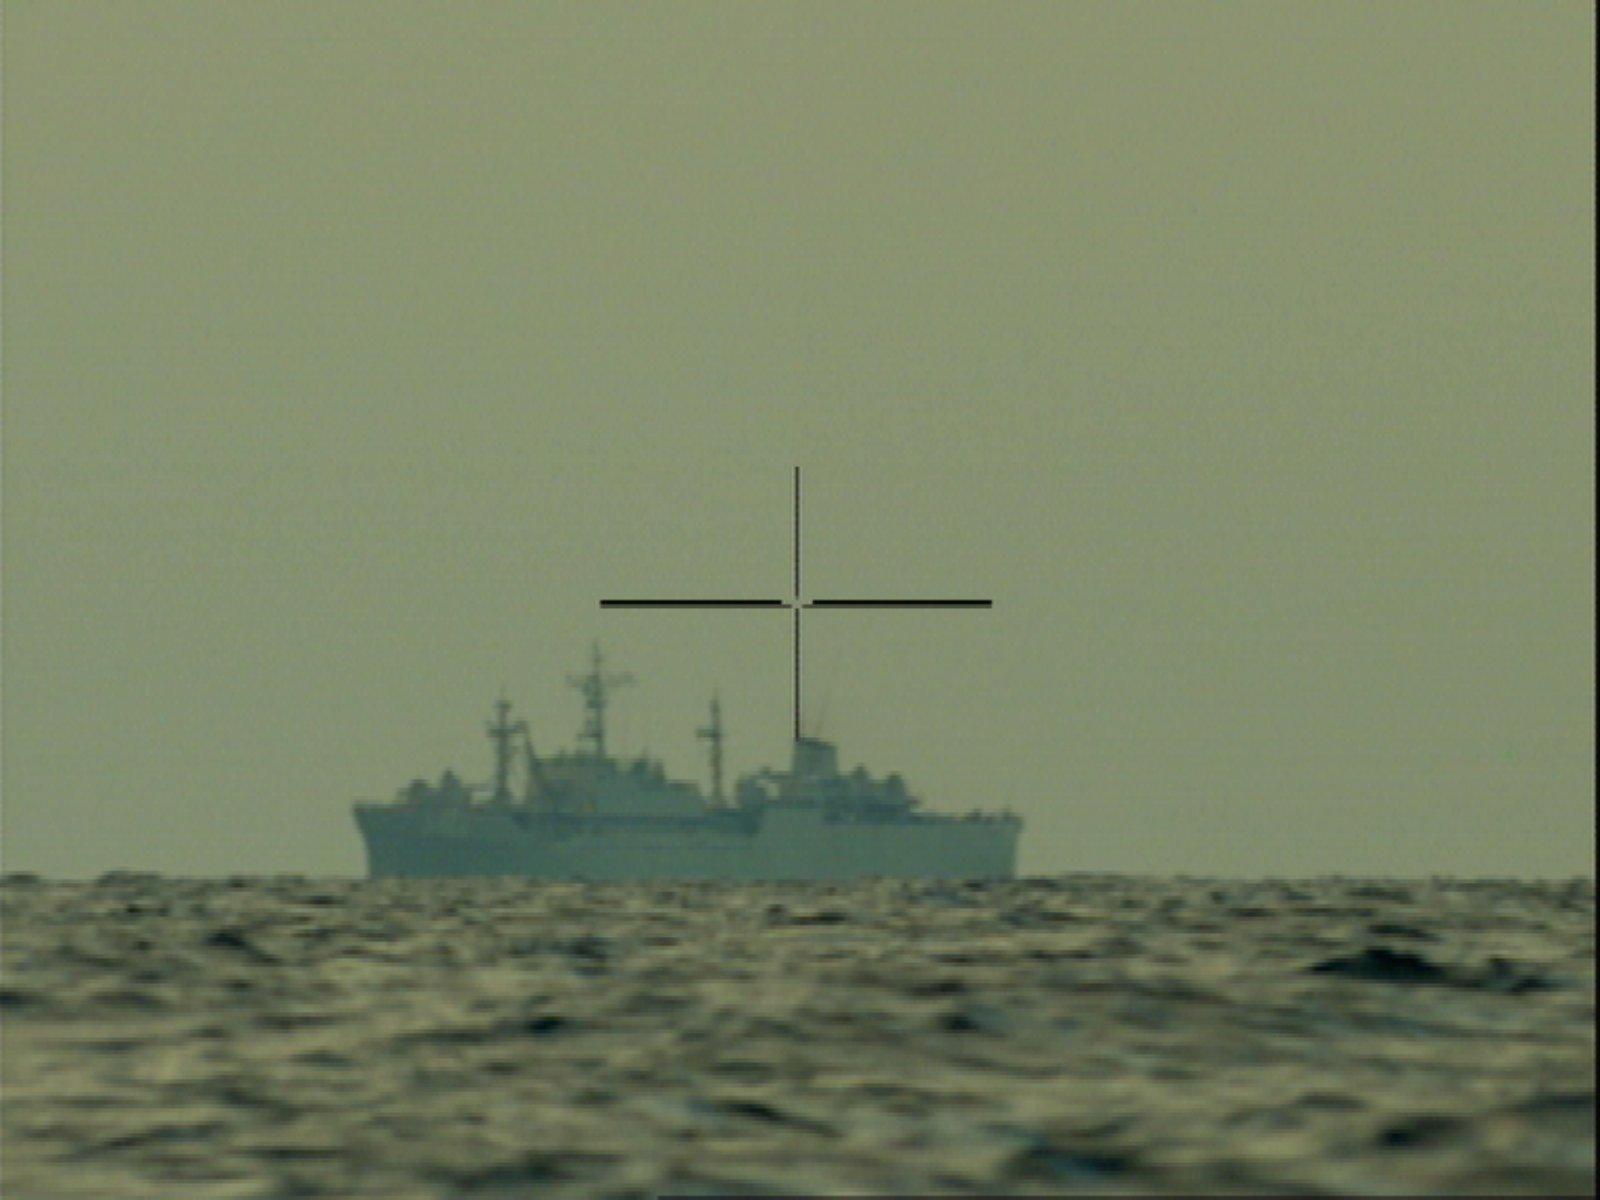 Προβολή ισχύος του Πολεμικού Ναυτικού: Απίστευτα πλάνα από επιχειρησιακή εκπαίδευση [vid,pics]